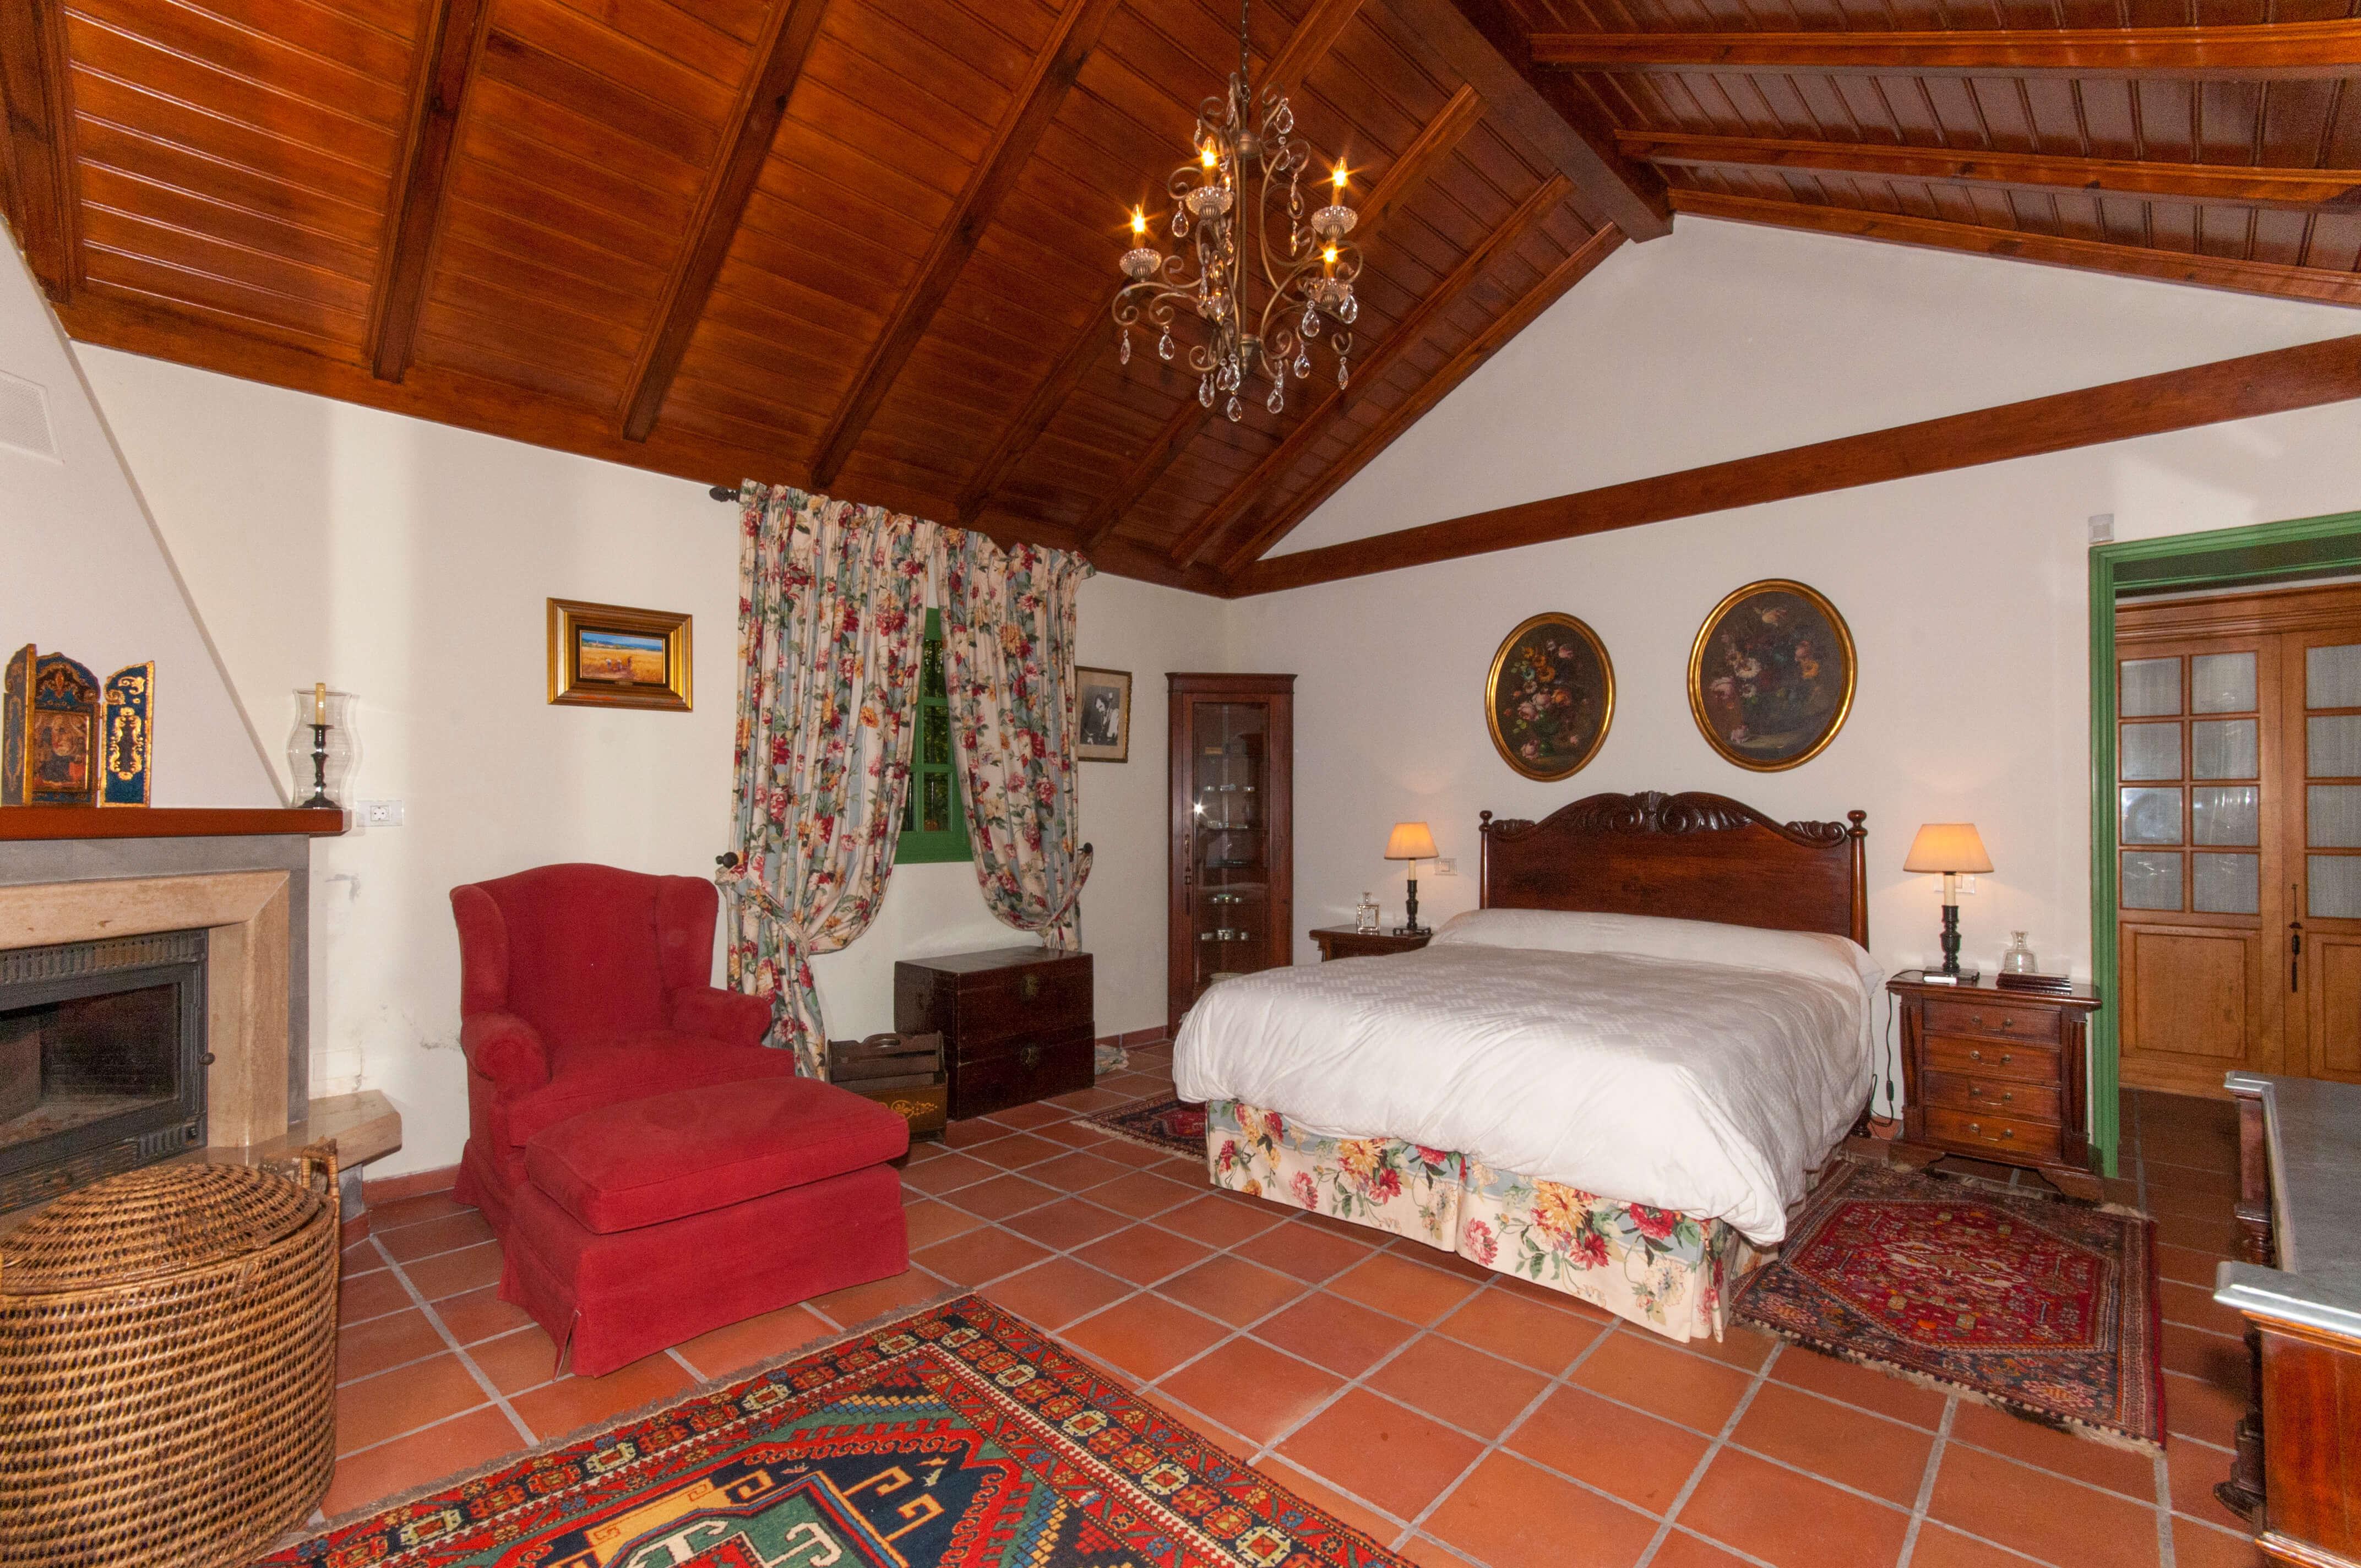 Ferienhaus Großes Ferienhaus in San Mateo (2303726), Vega de San Mateo, Gran Canaria, Kanarische Inseln, Spanien, Bild 7